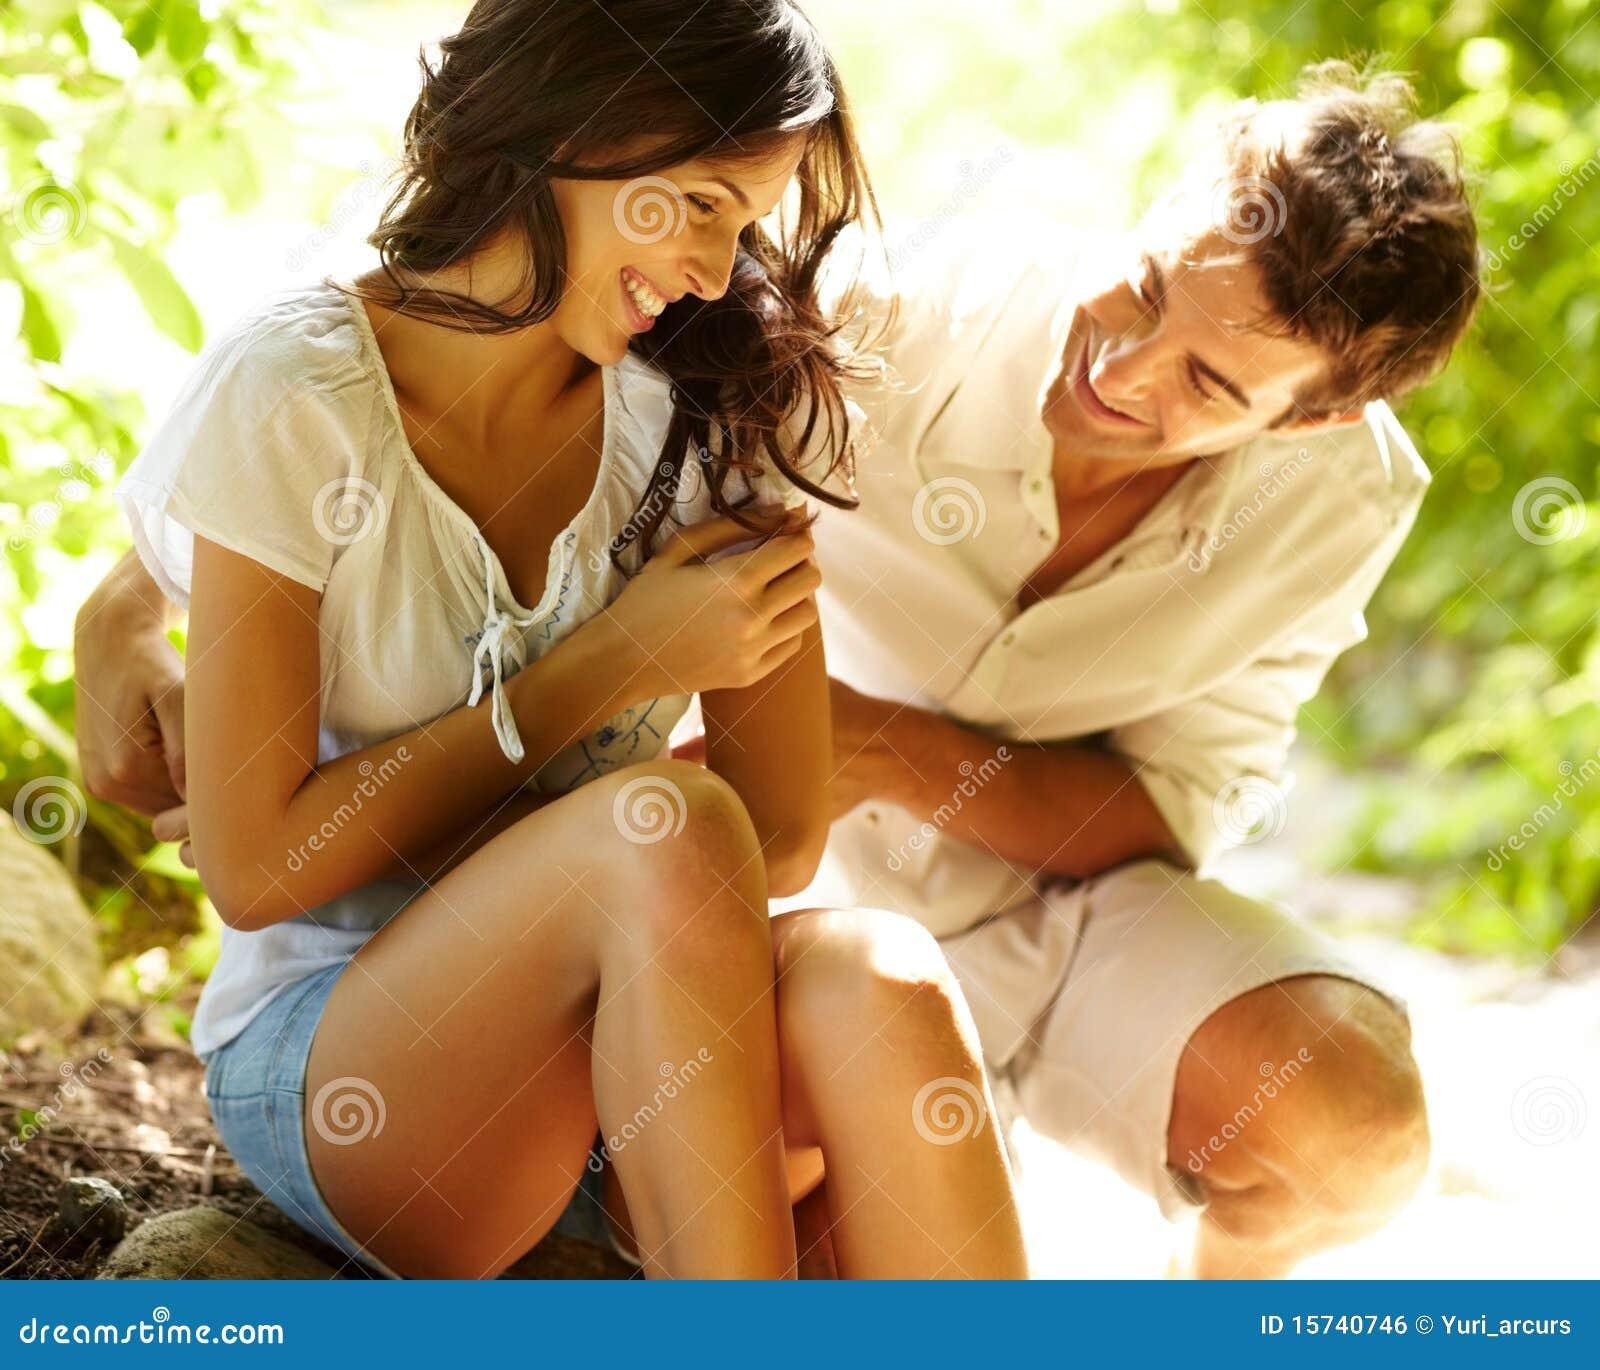 Тест на двоих на сексуальную совместимость 2 фотография